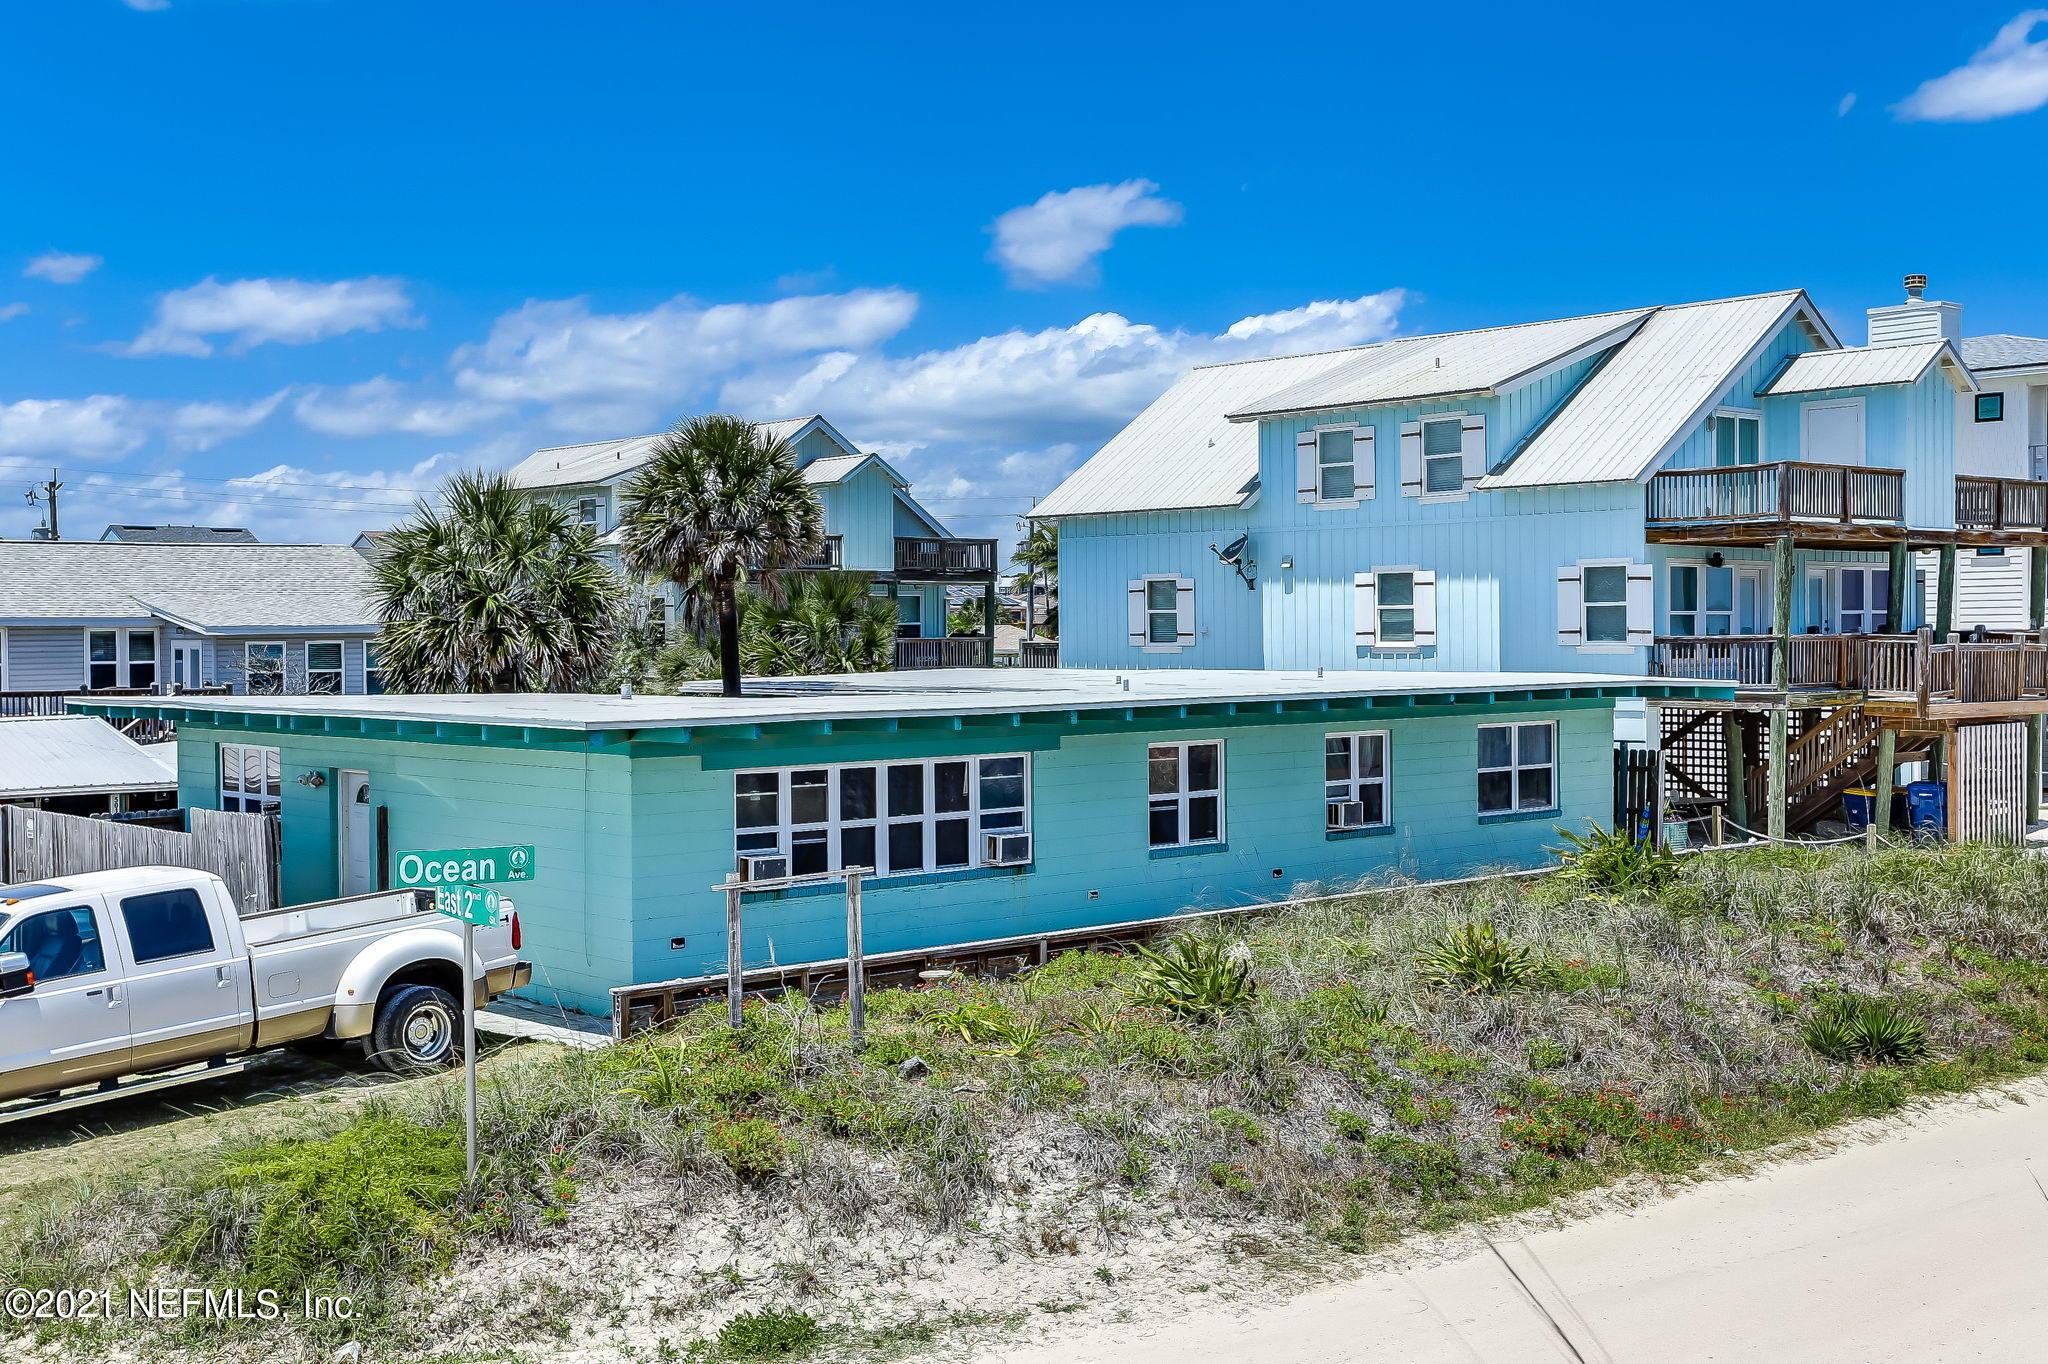 501 Ocean Ave UNIT 1-4 Fernandina Beach, Fl 32034